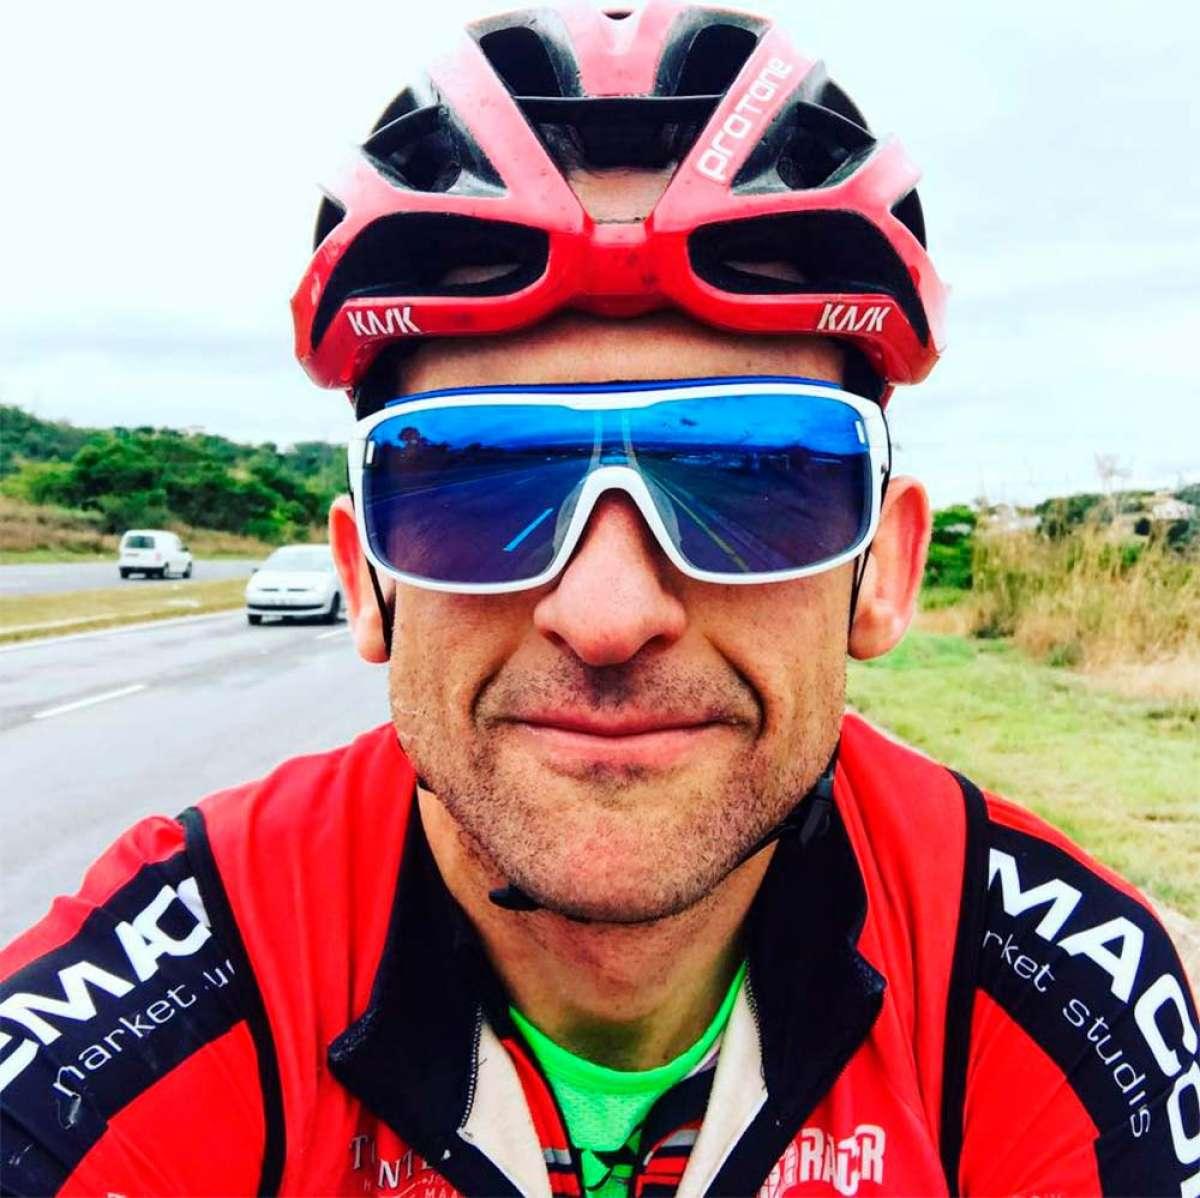 Max Knox, campeón sudafricano de XCM, sancionado con cuatro años de inhabilitación por dopaje